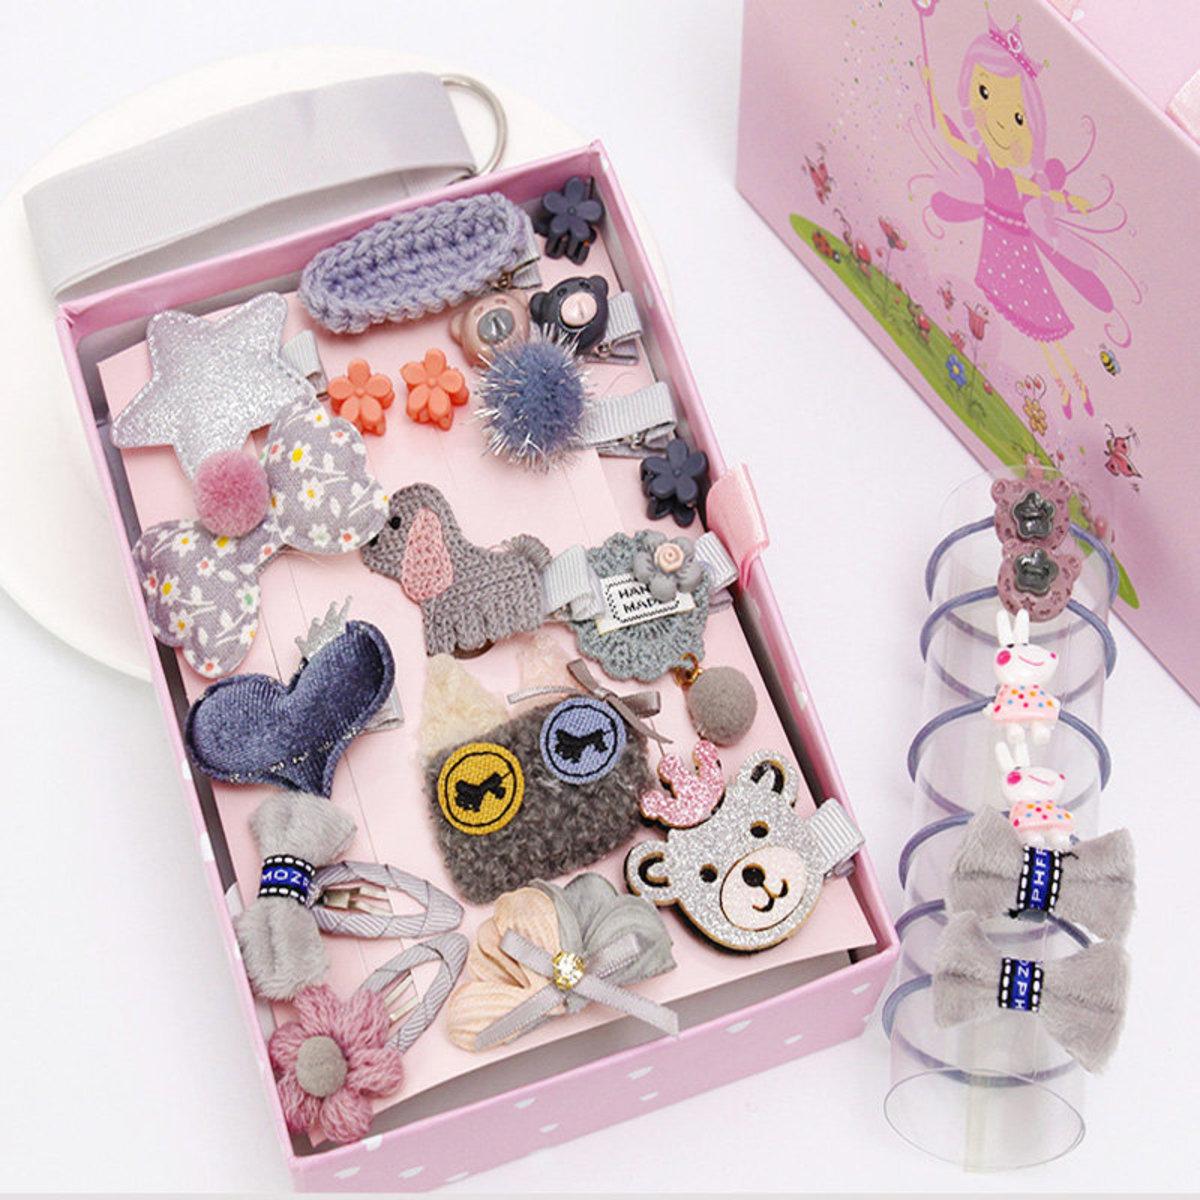 24件公主風兒童布藝髮飾禮盒套裝 - 灰色小熊